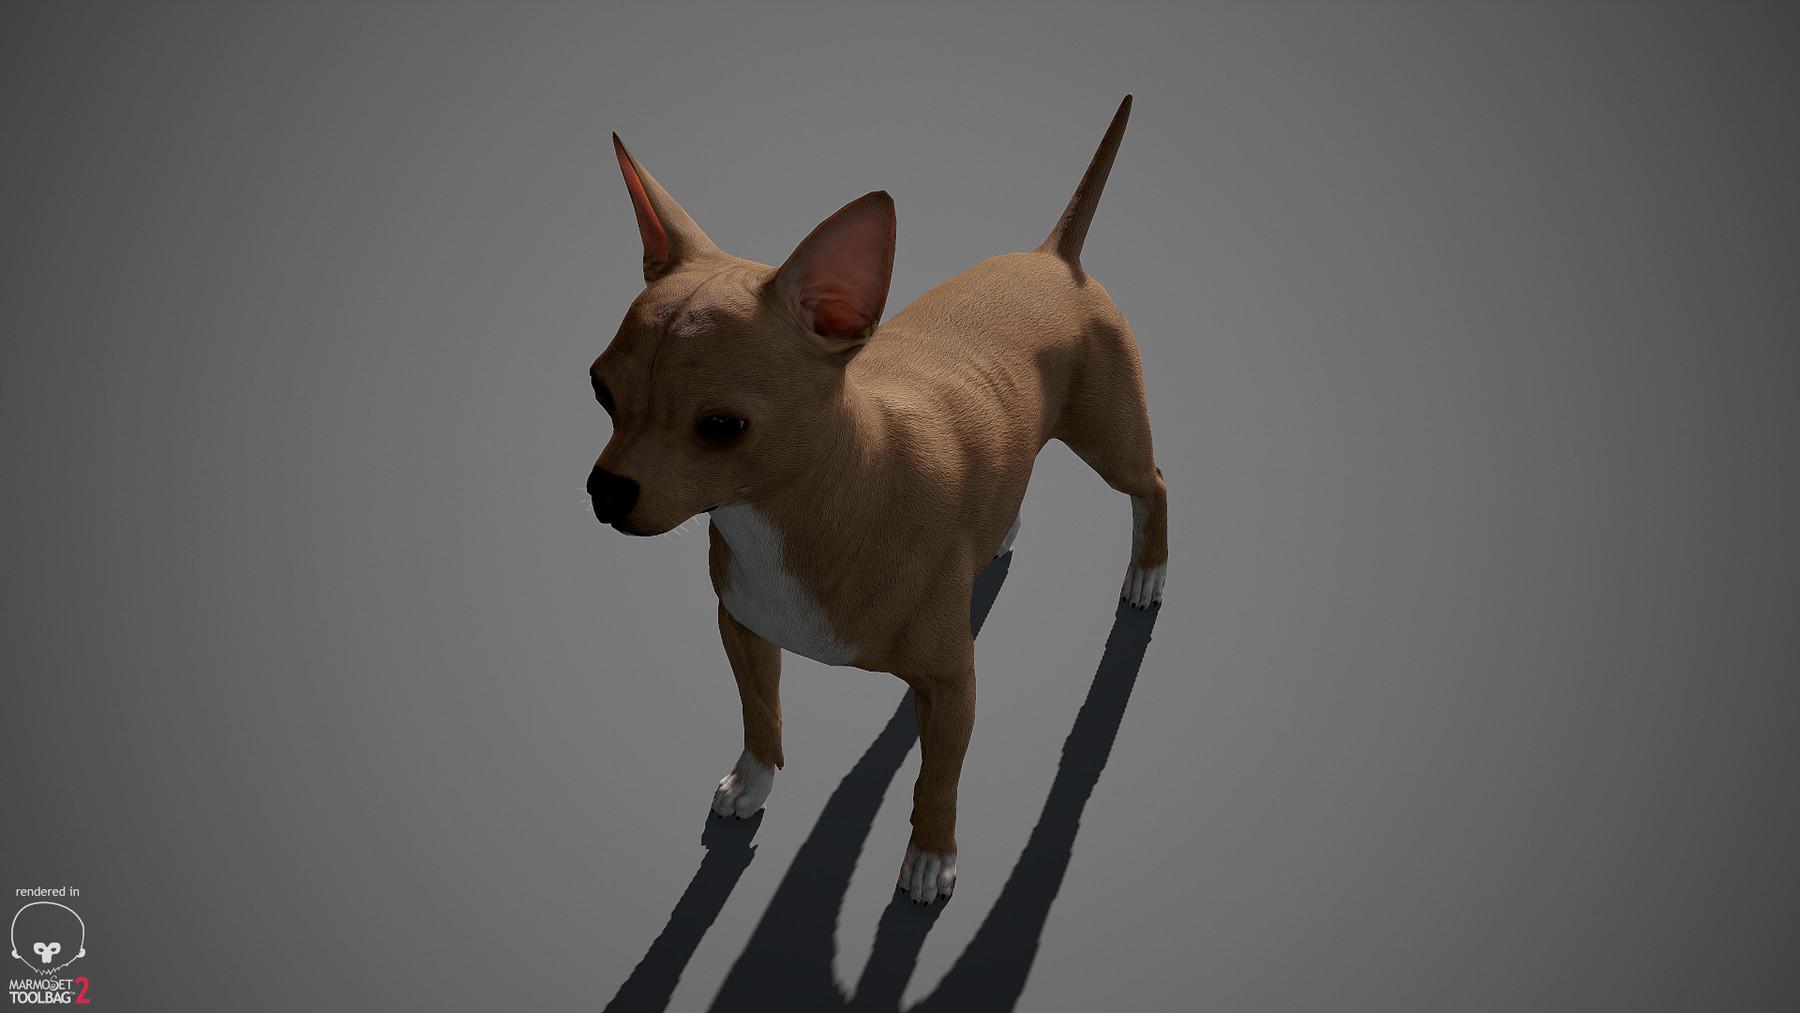 Chihuahua by alexlashko marmoset 09